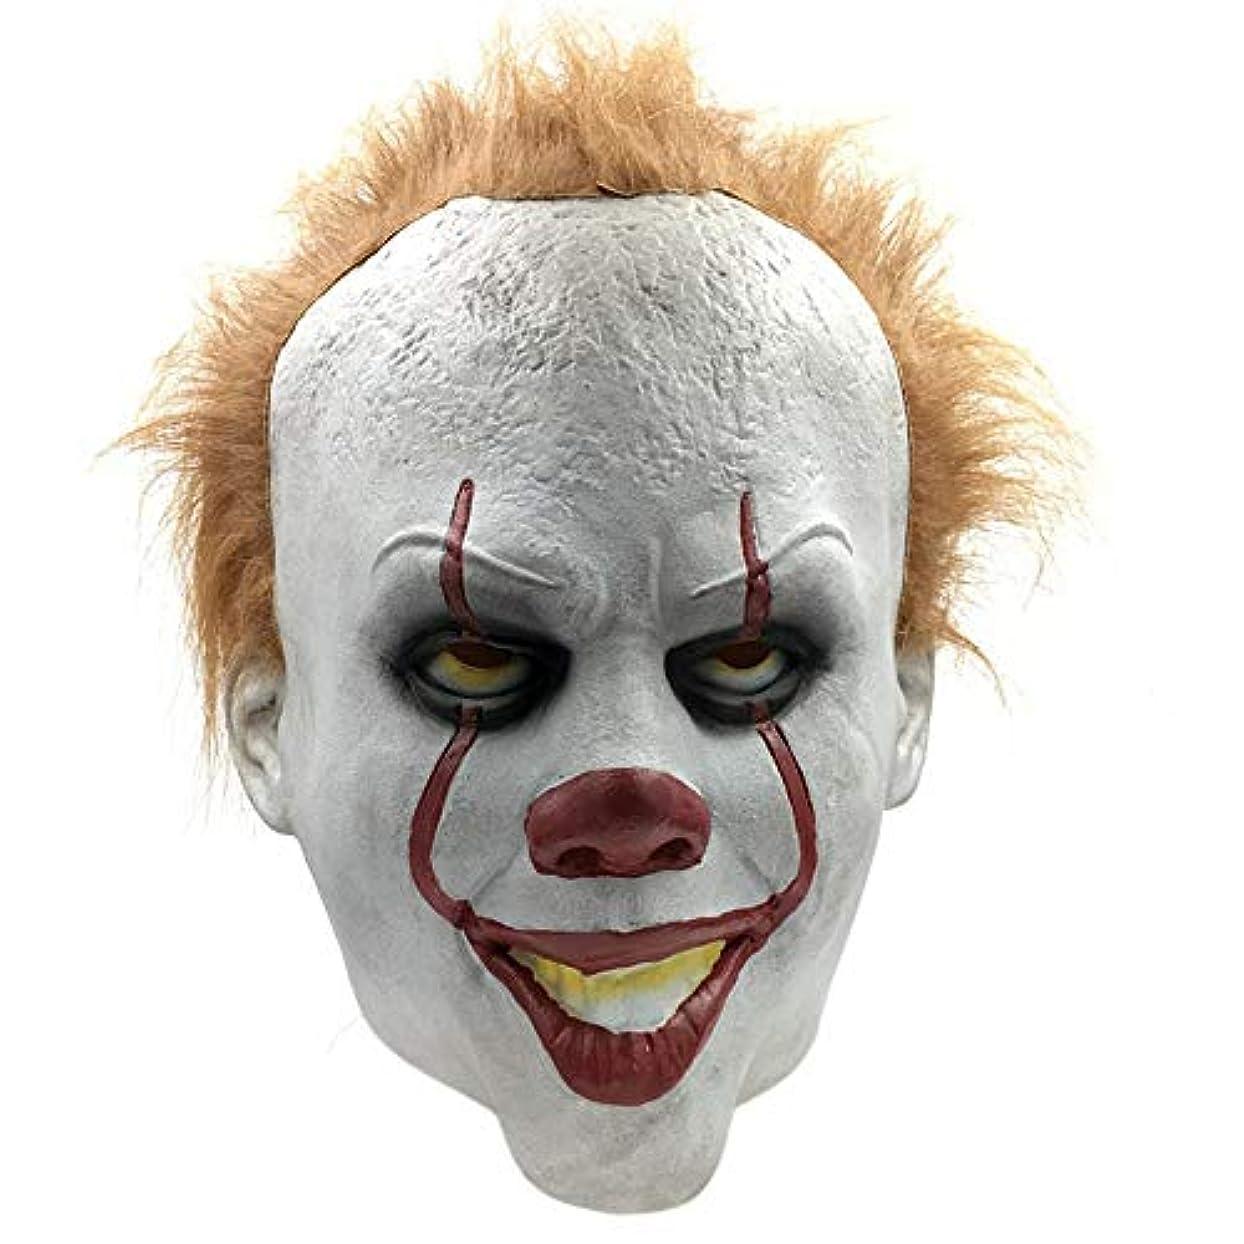 方程式クリケット増幅器ハロウィン大人のラテックスホラーマスクしかめっ面マスクパーティーマスク怖い悪魔マスク映画小道具仮面舞踏会マスク